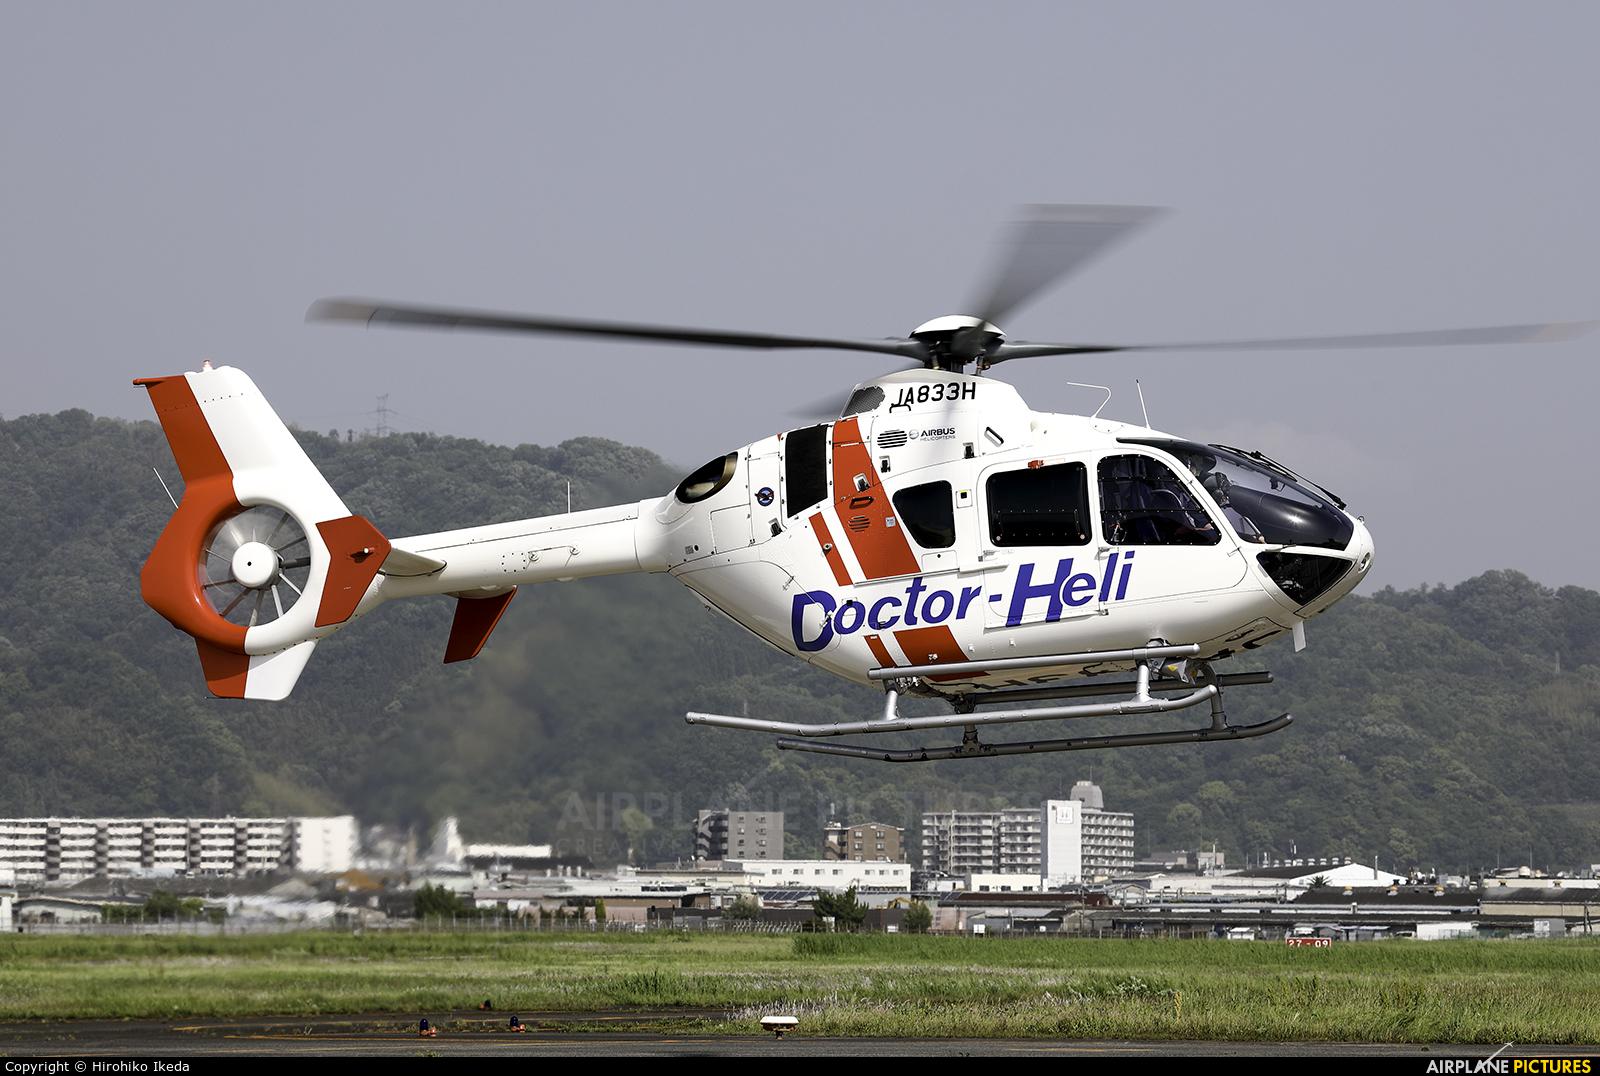 Hirata Gakuen JA833H aircraft at Yao